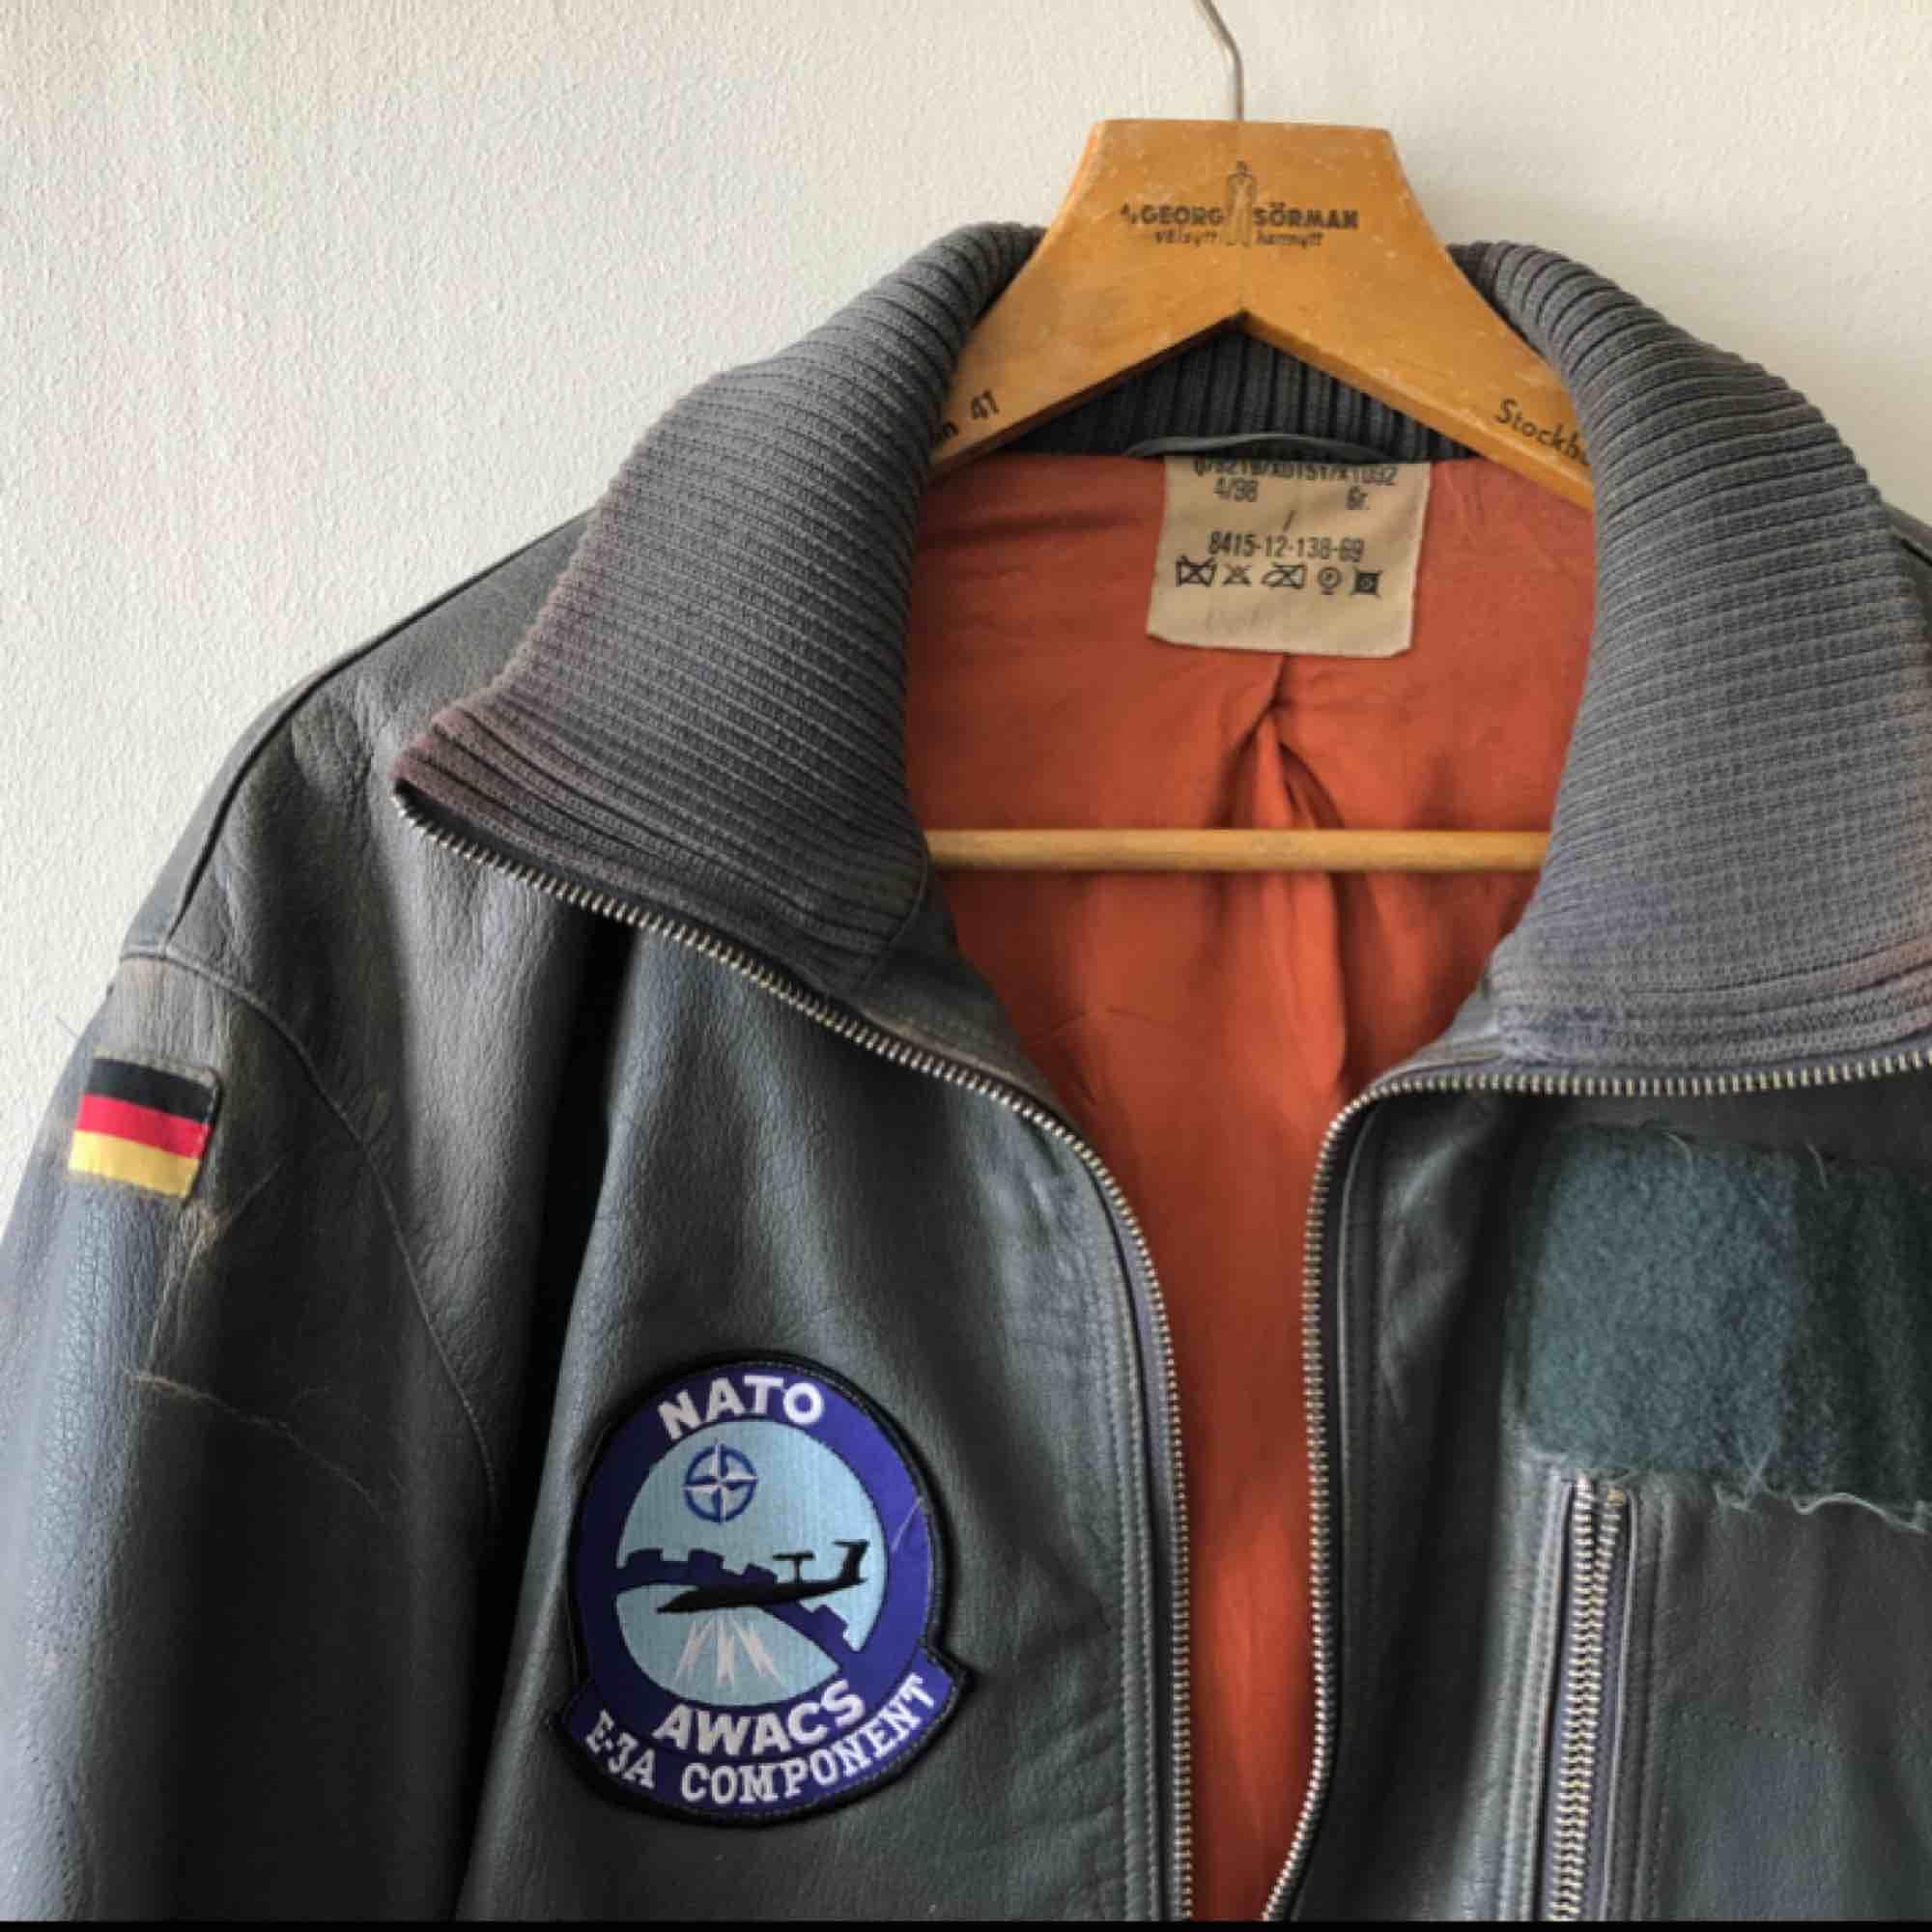 Västtysk stridspilot-jacka från 80-talet. Skinjacka. Väl använd och snyggt sliten. Sitter bra som large men funkar även som oversize. Äkta såklart! . Jackor.